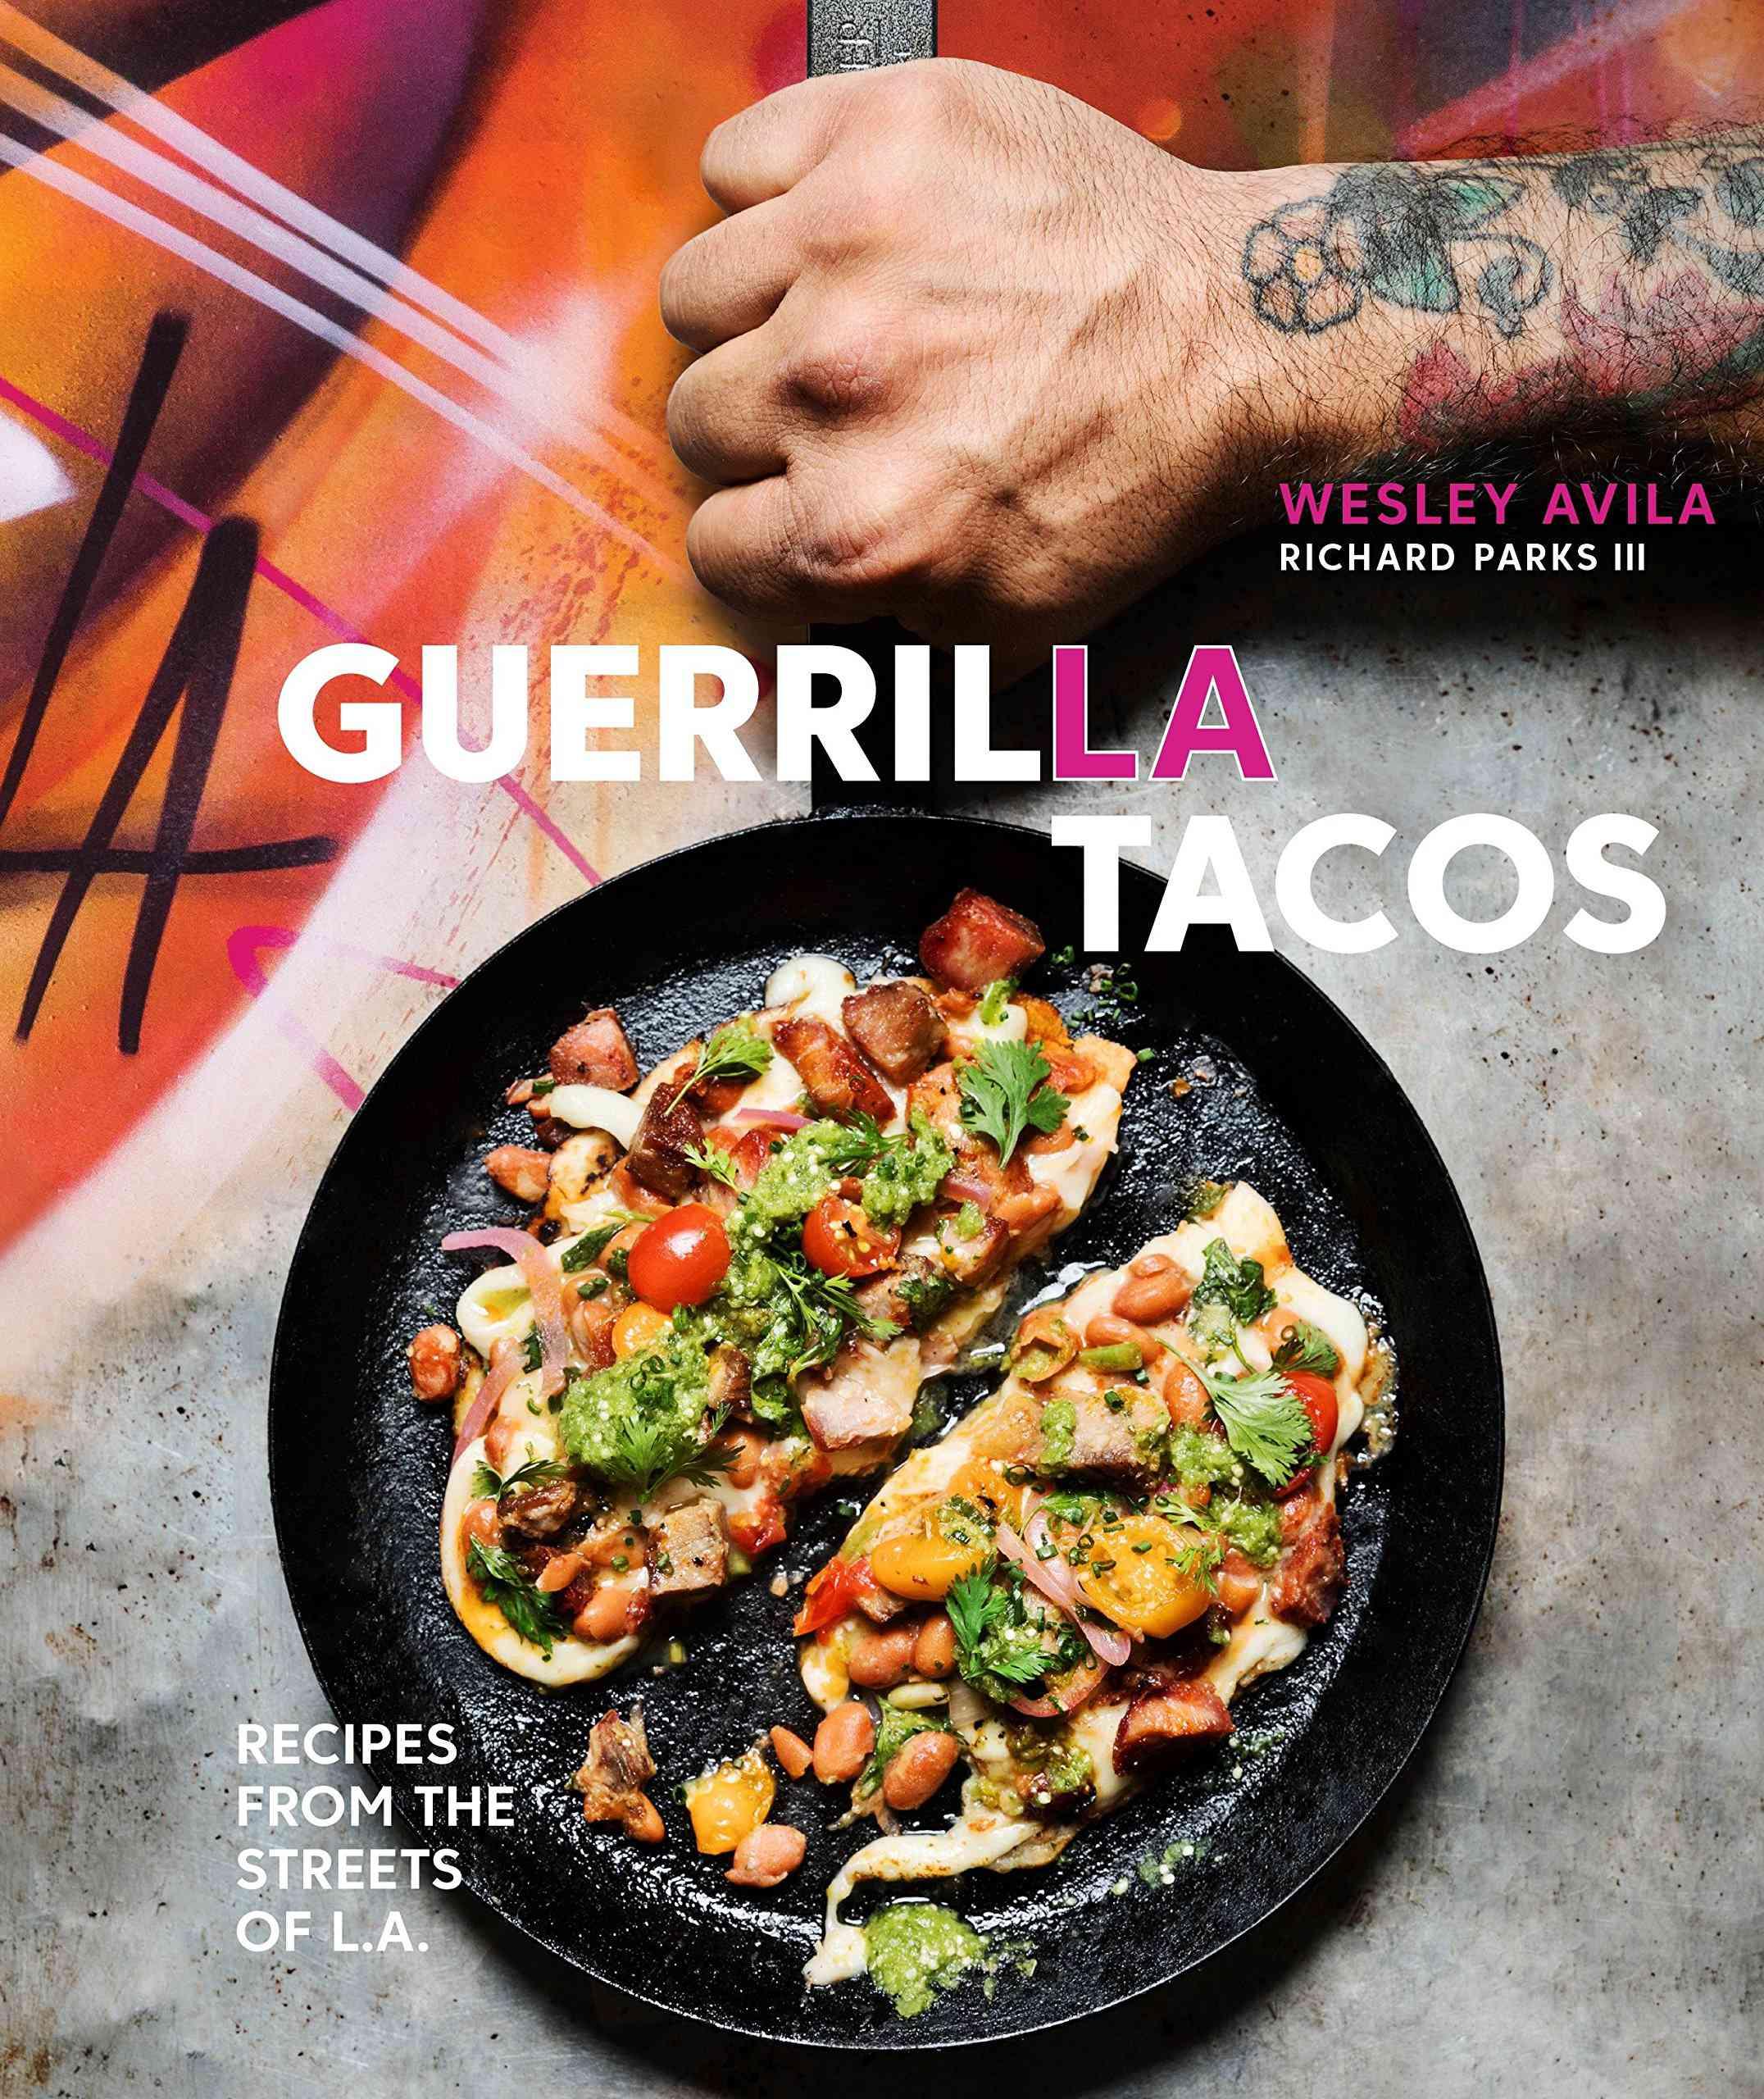 Guerrilla Tacos